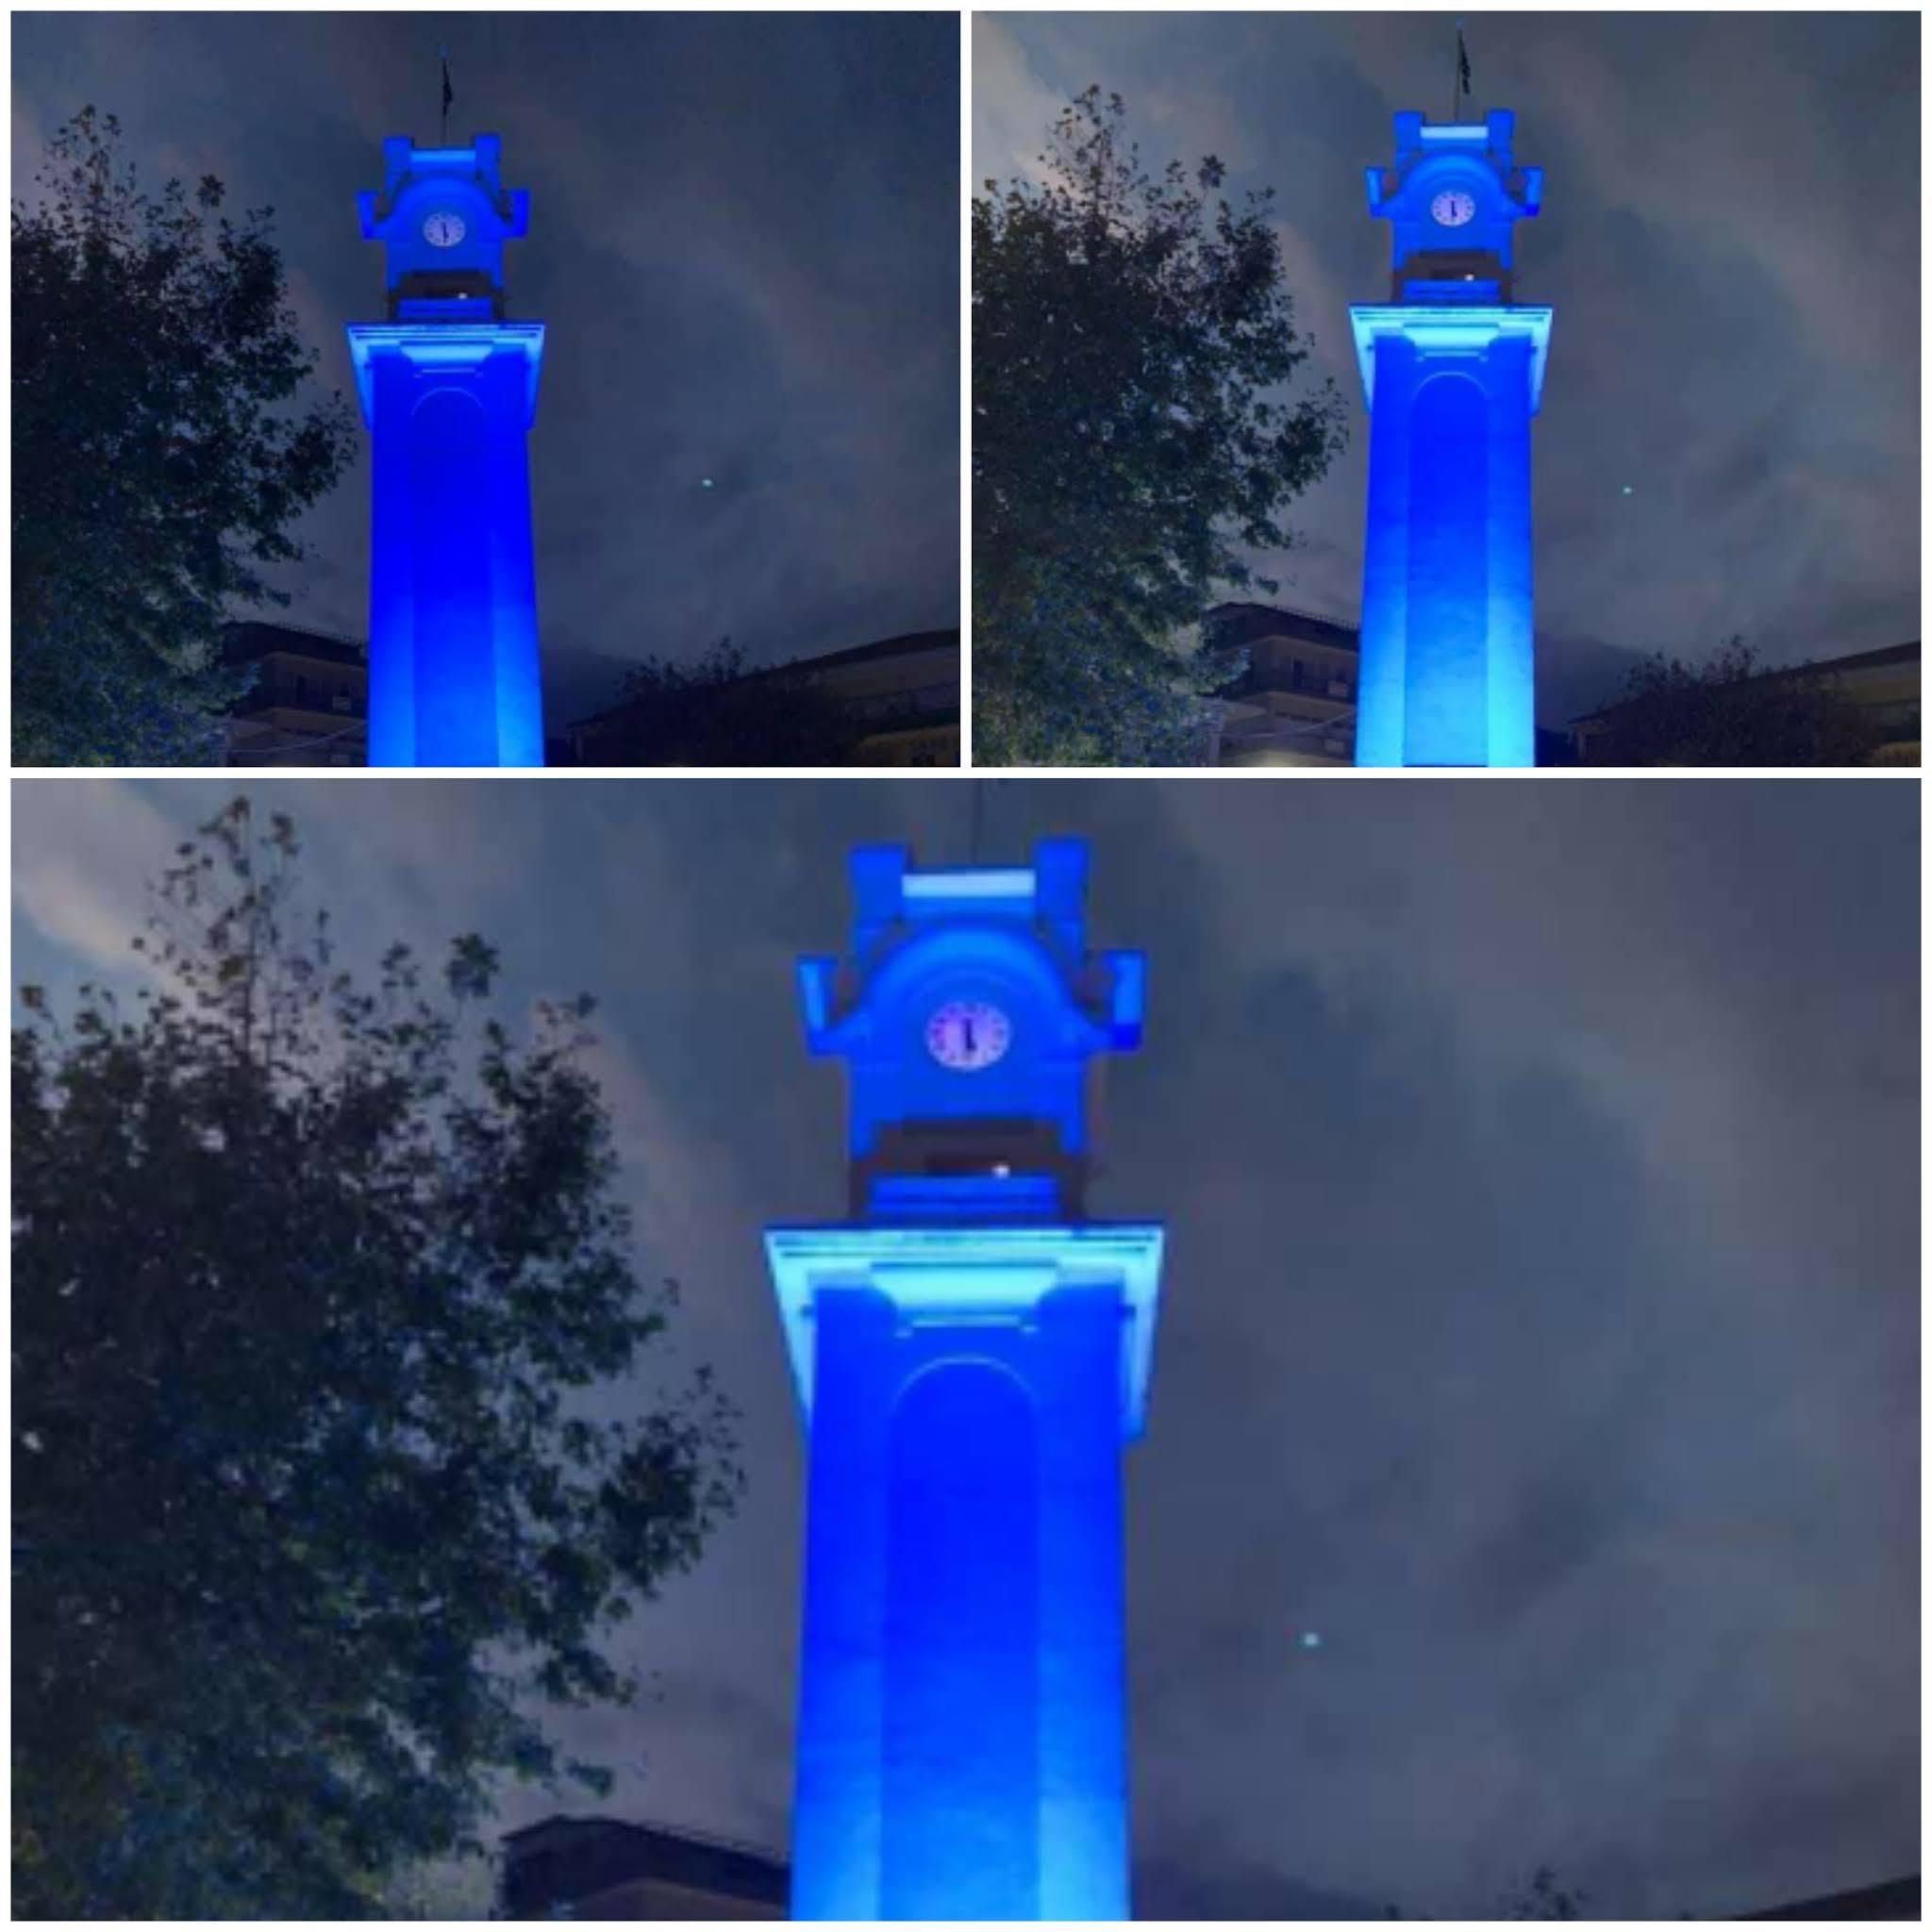 Ντύθηκε μπλε το Ρολόι στην Ξάνθη για την ημέρα του διαβήτη